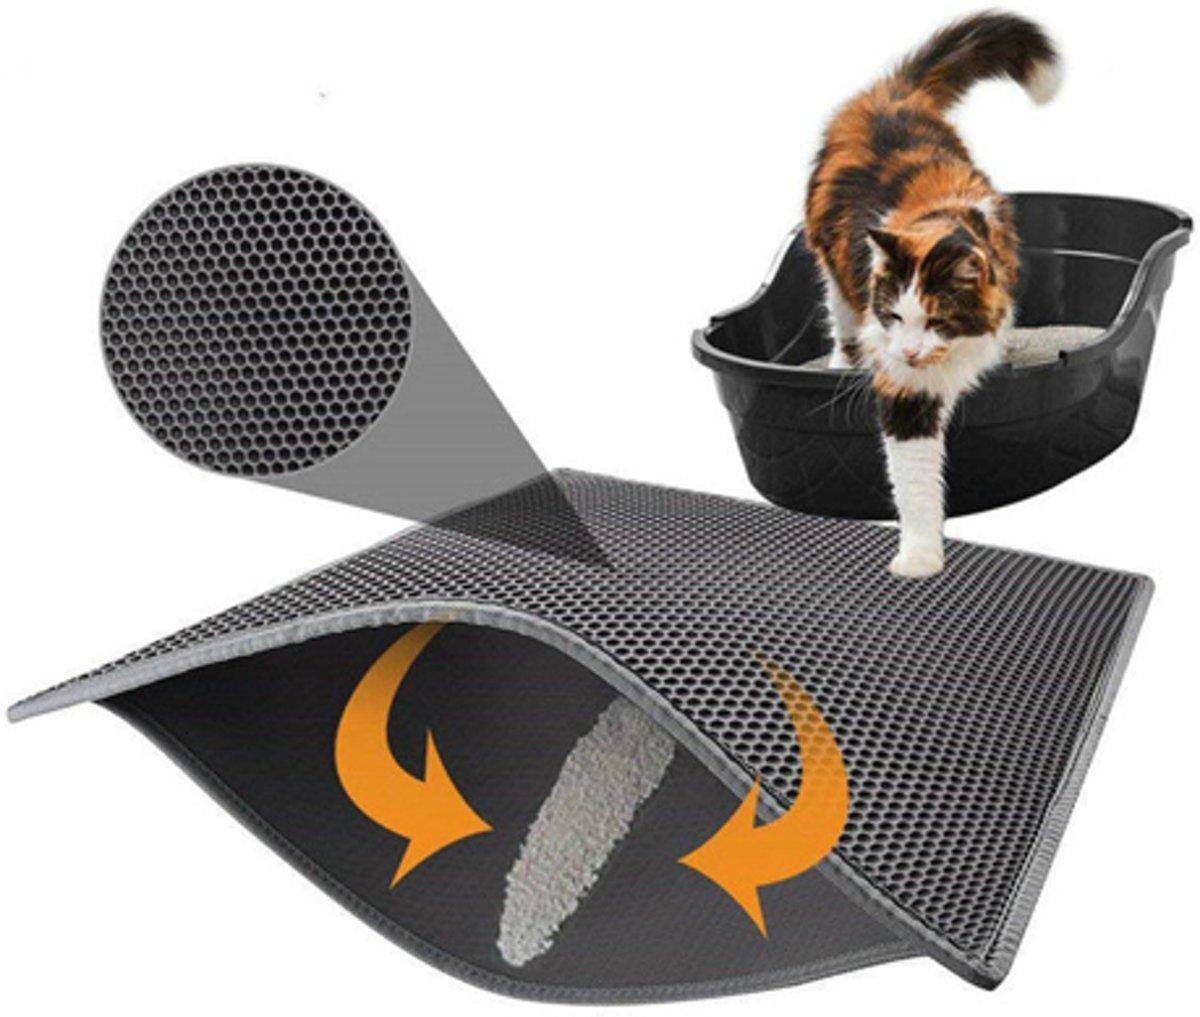 Kattenbak Mat - Waterdichte Dubbele Laag - Maat 55 x 70 cm - Tevens te gebruiken als krab mat kopen